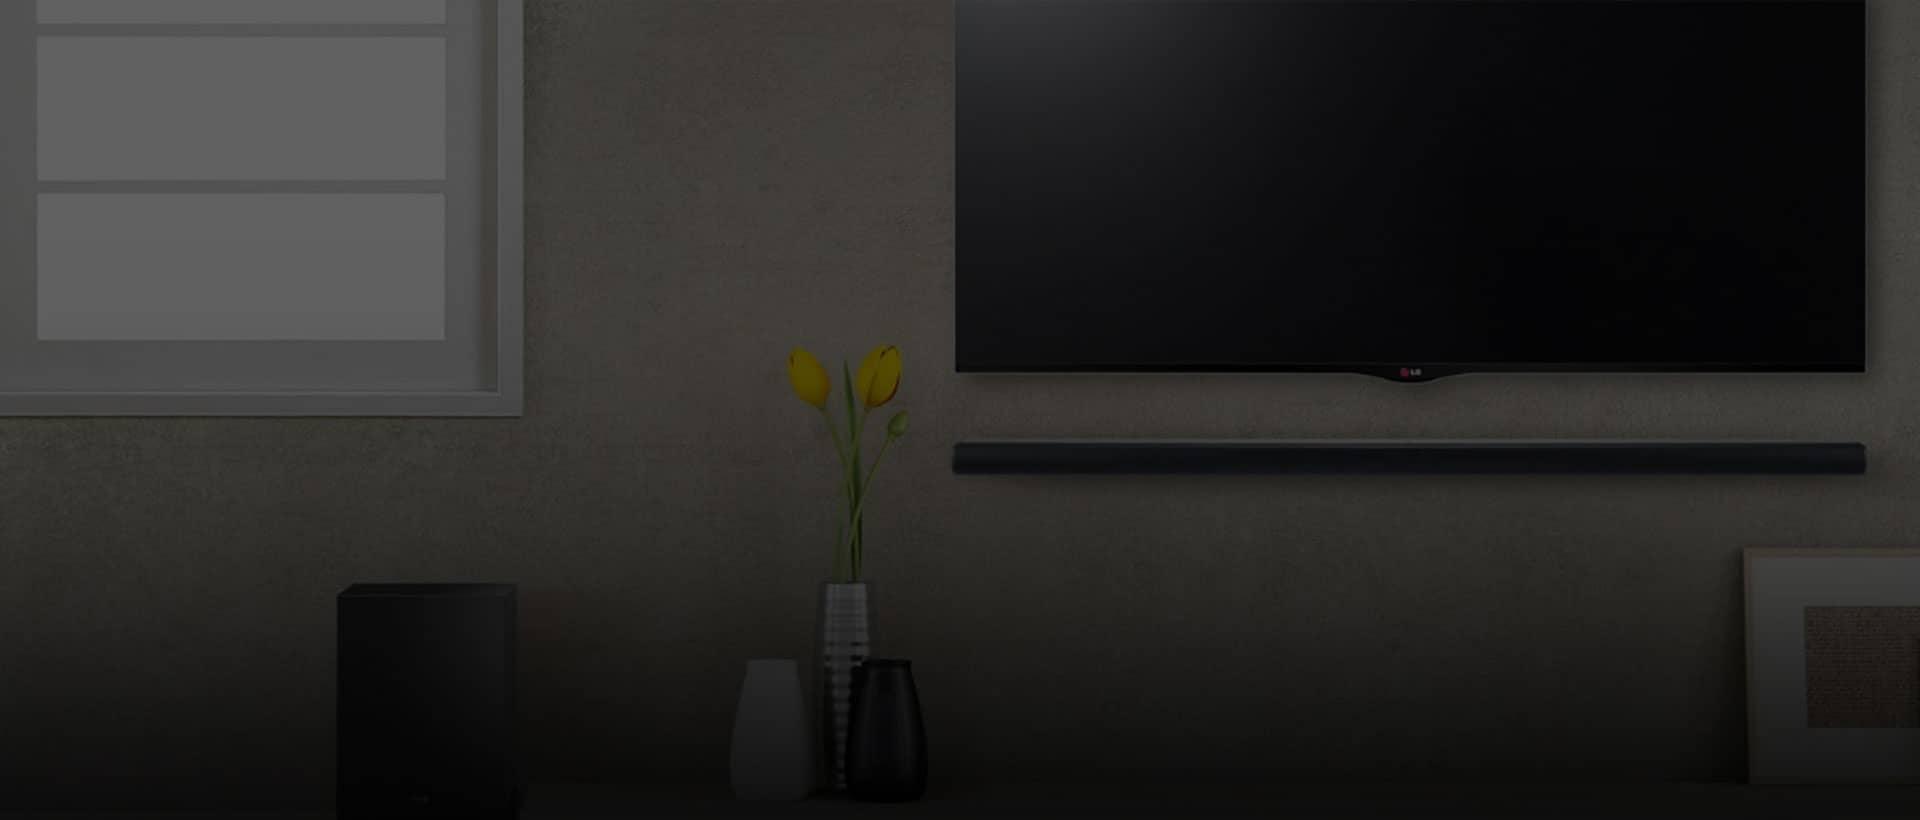 خدمات تعمیرات تلویزیون در منزل